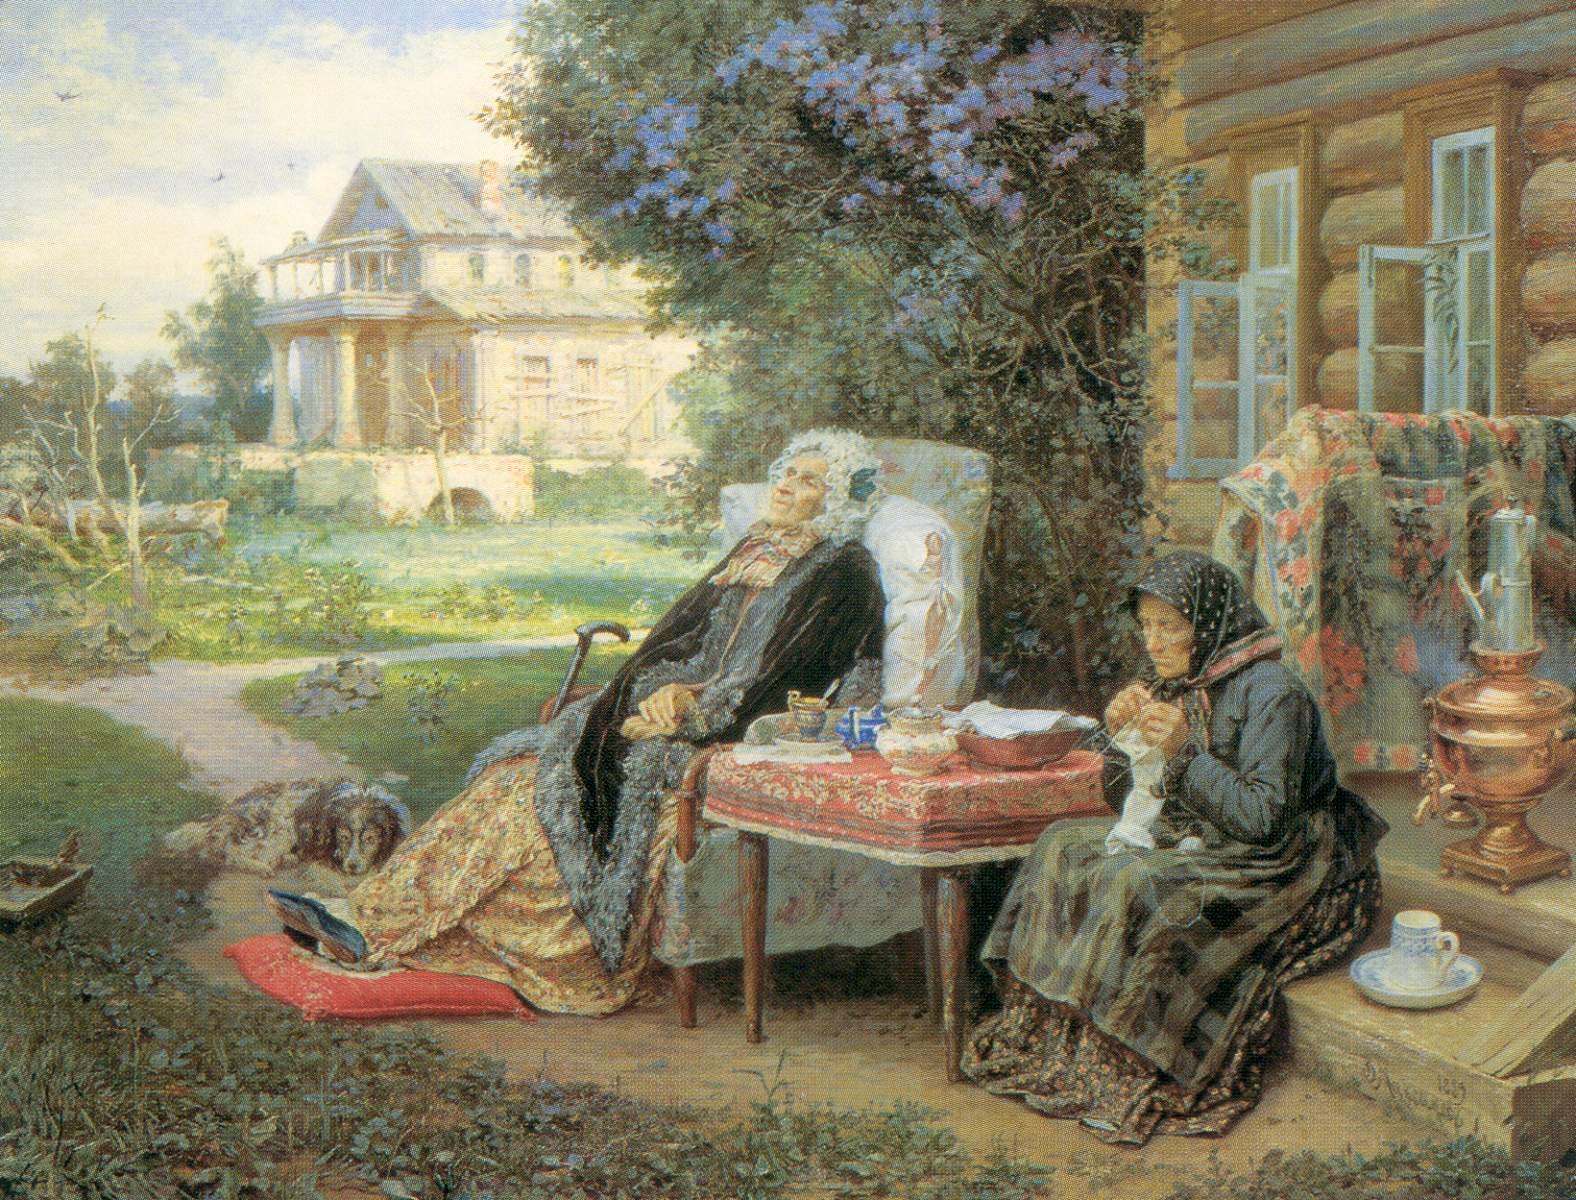 Сочинение по картине В. Максимова - Все в прошлом